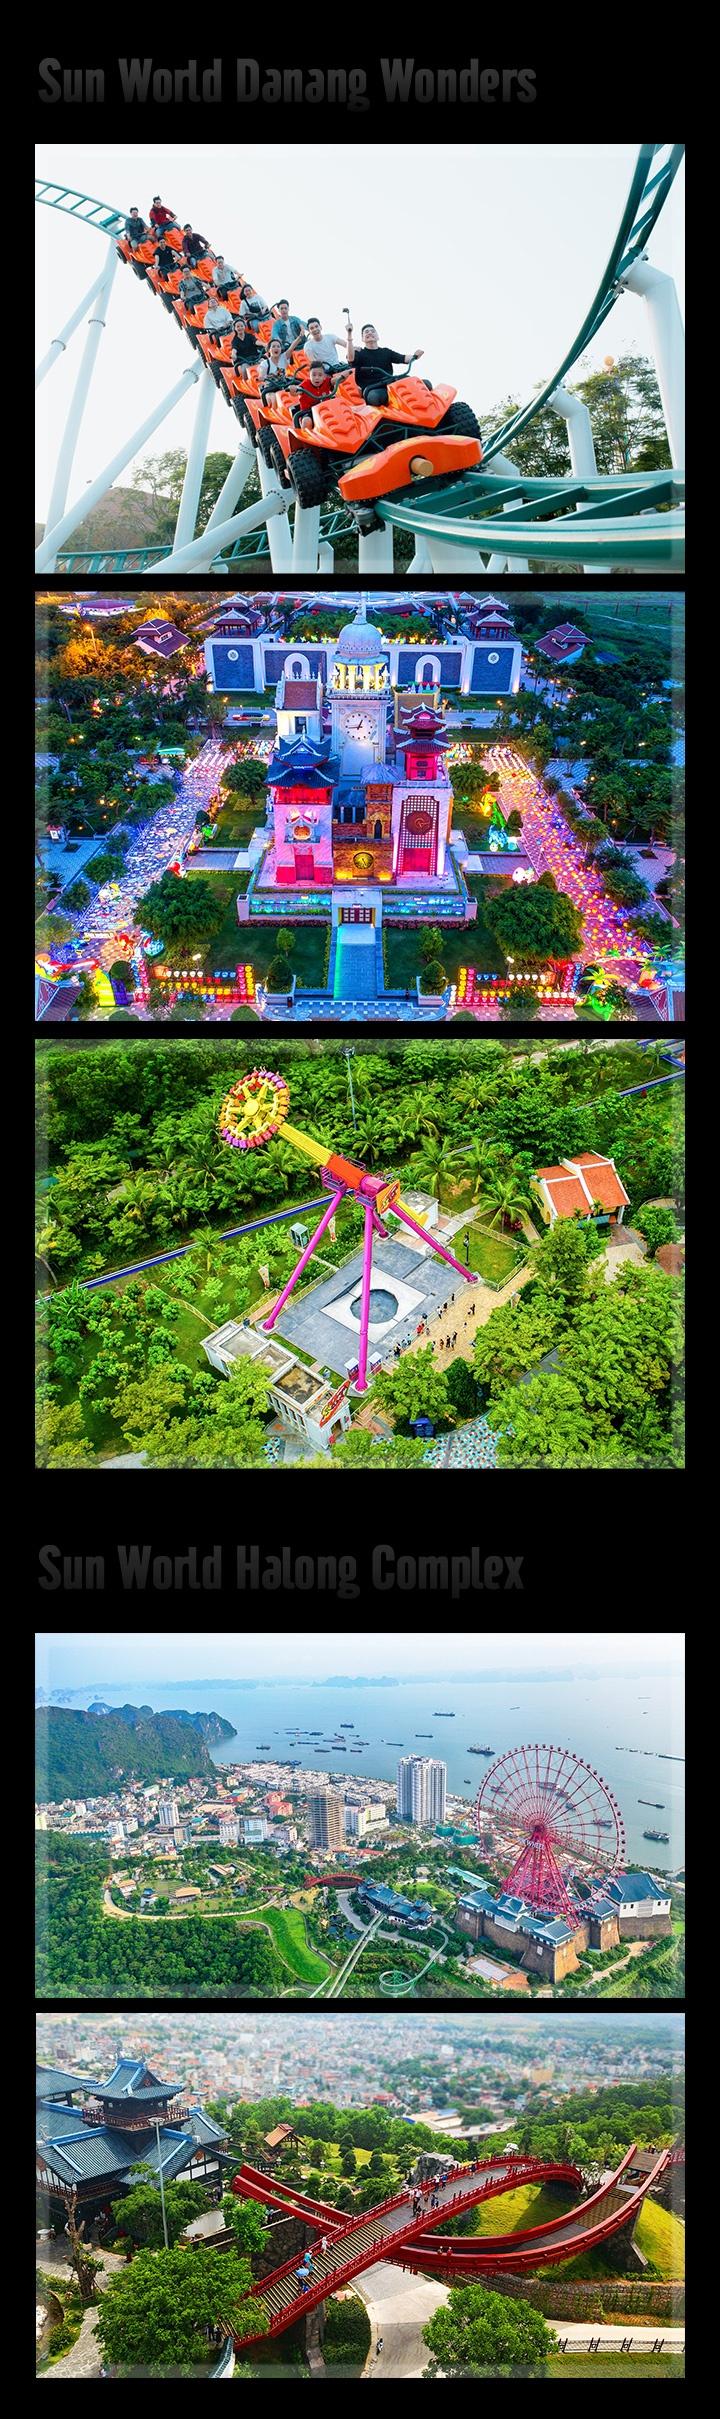 Vien canh tuoi sang cua du lich Viet qua cac cong trinh bieu tuong hinh anh 13  - 4mb - Viễn cảnh tươi sáng của du lịch Việt qua các công trình biểu tượng